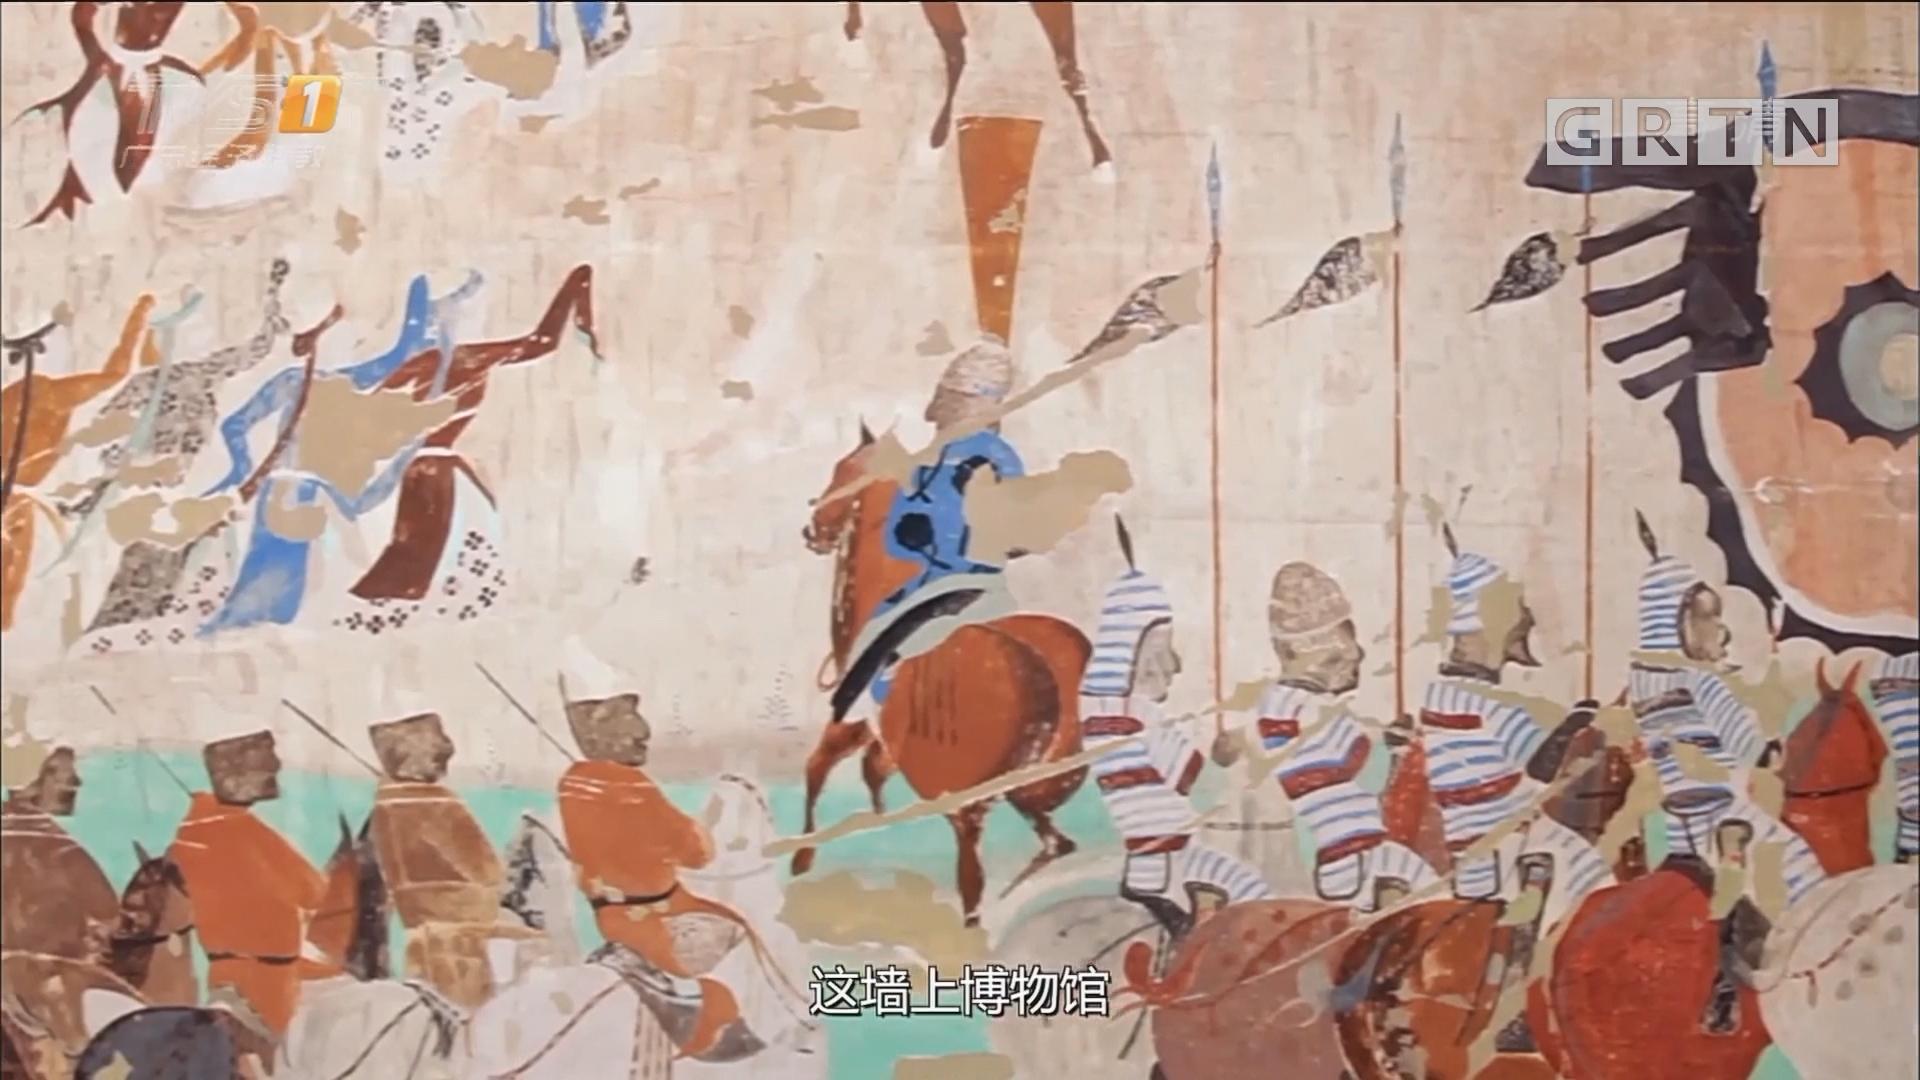 甘肃敦煌——壁画